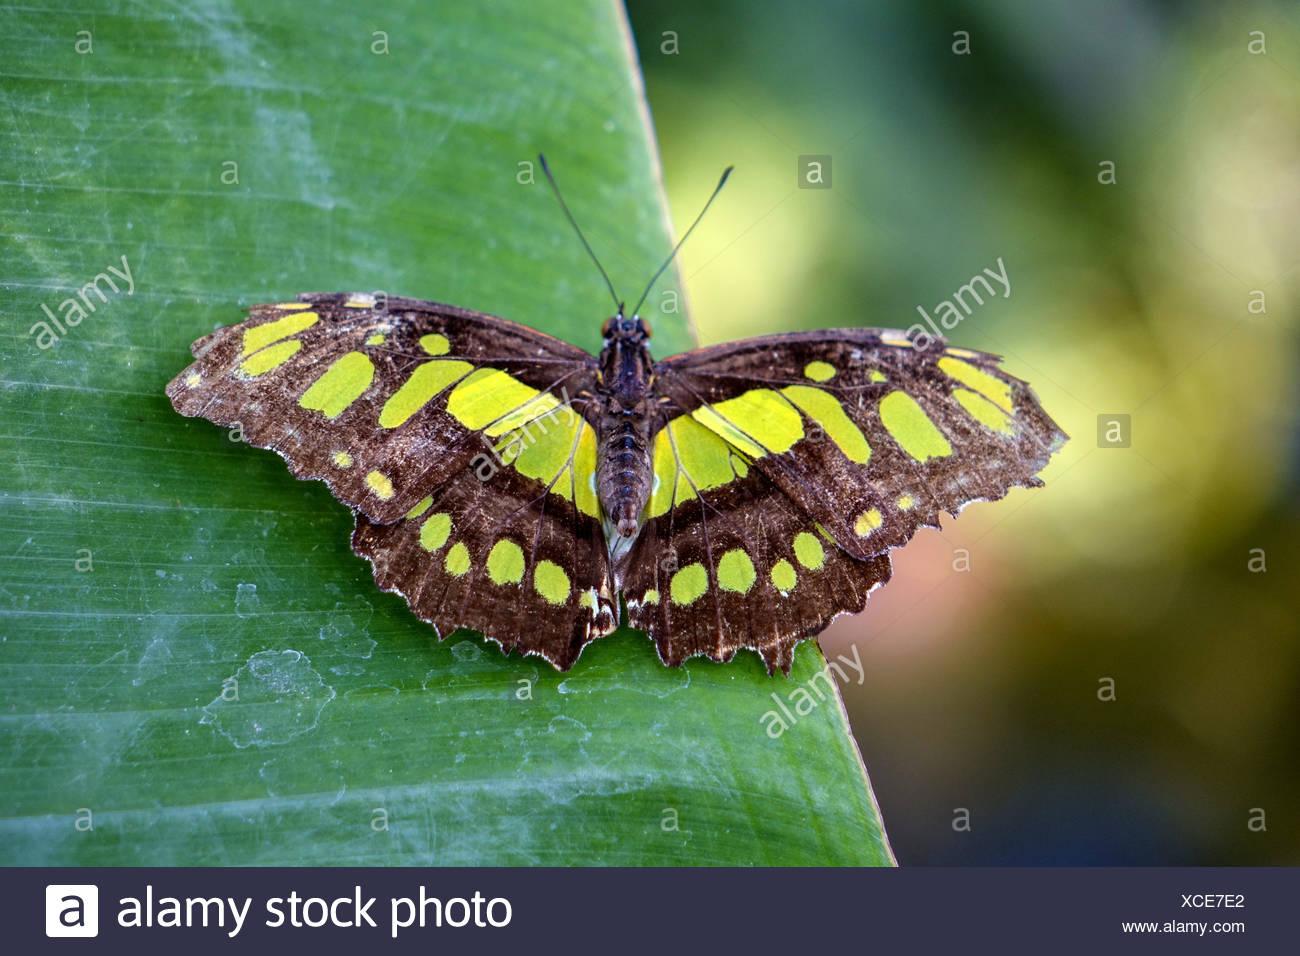 Tropischer Malachit-Schmetterling (Siproeta stelenes) sitzt auf einem Blatt - Stock Image